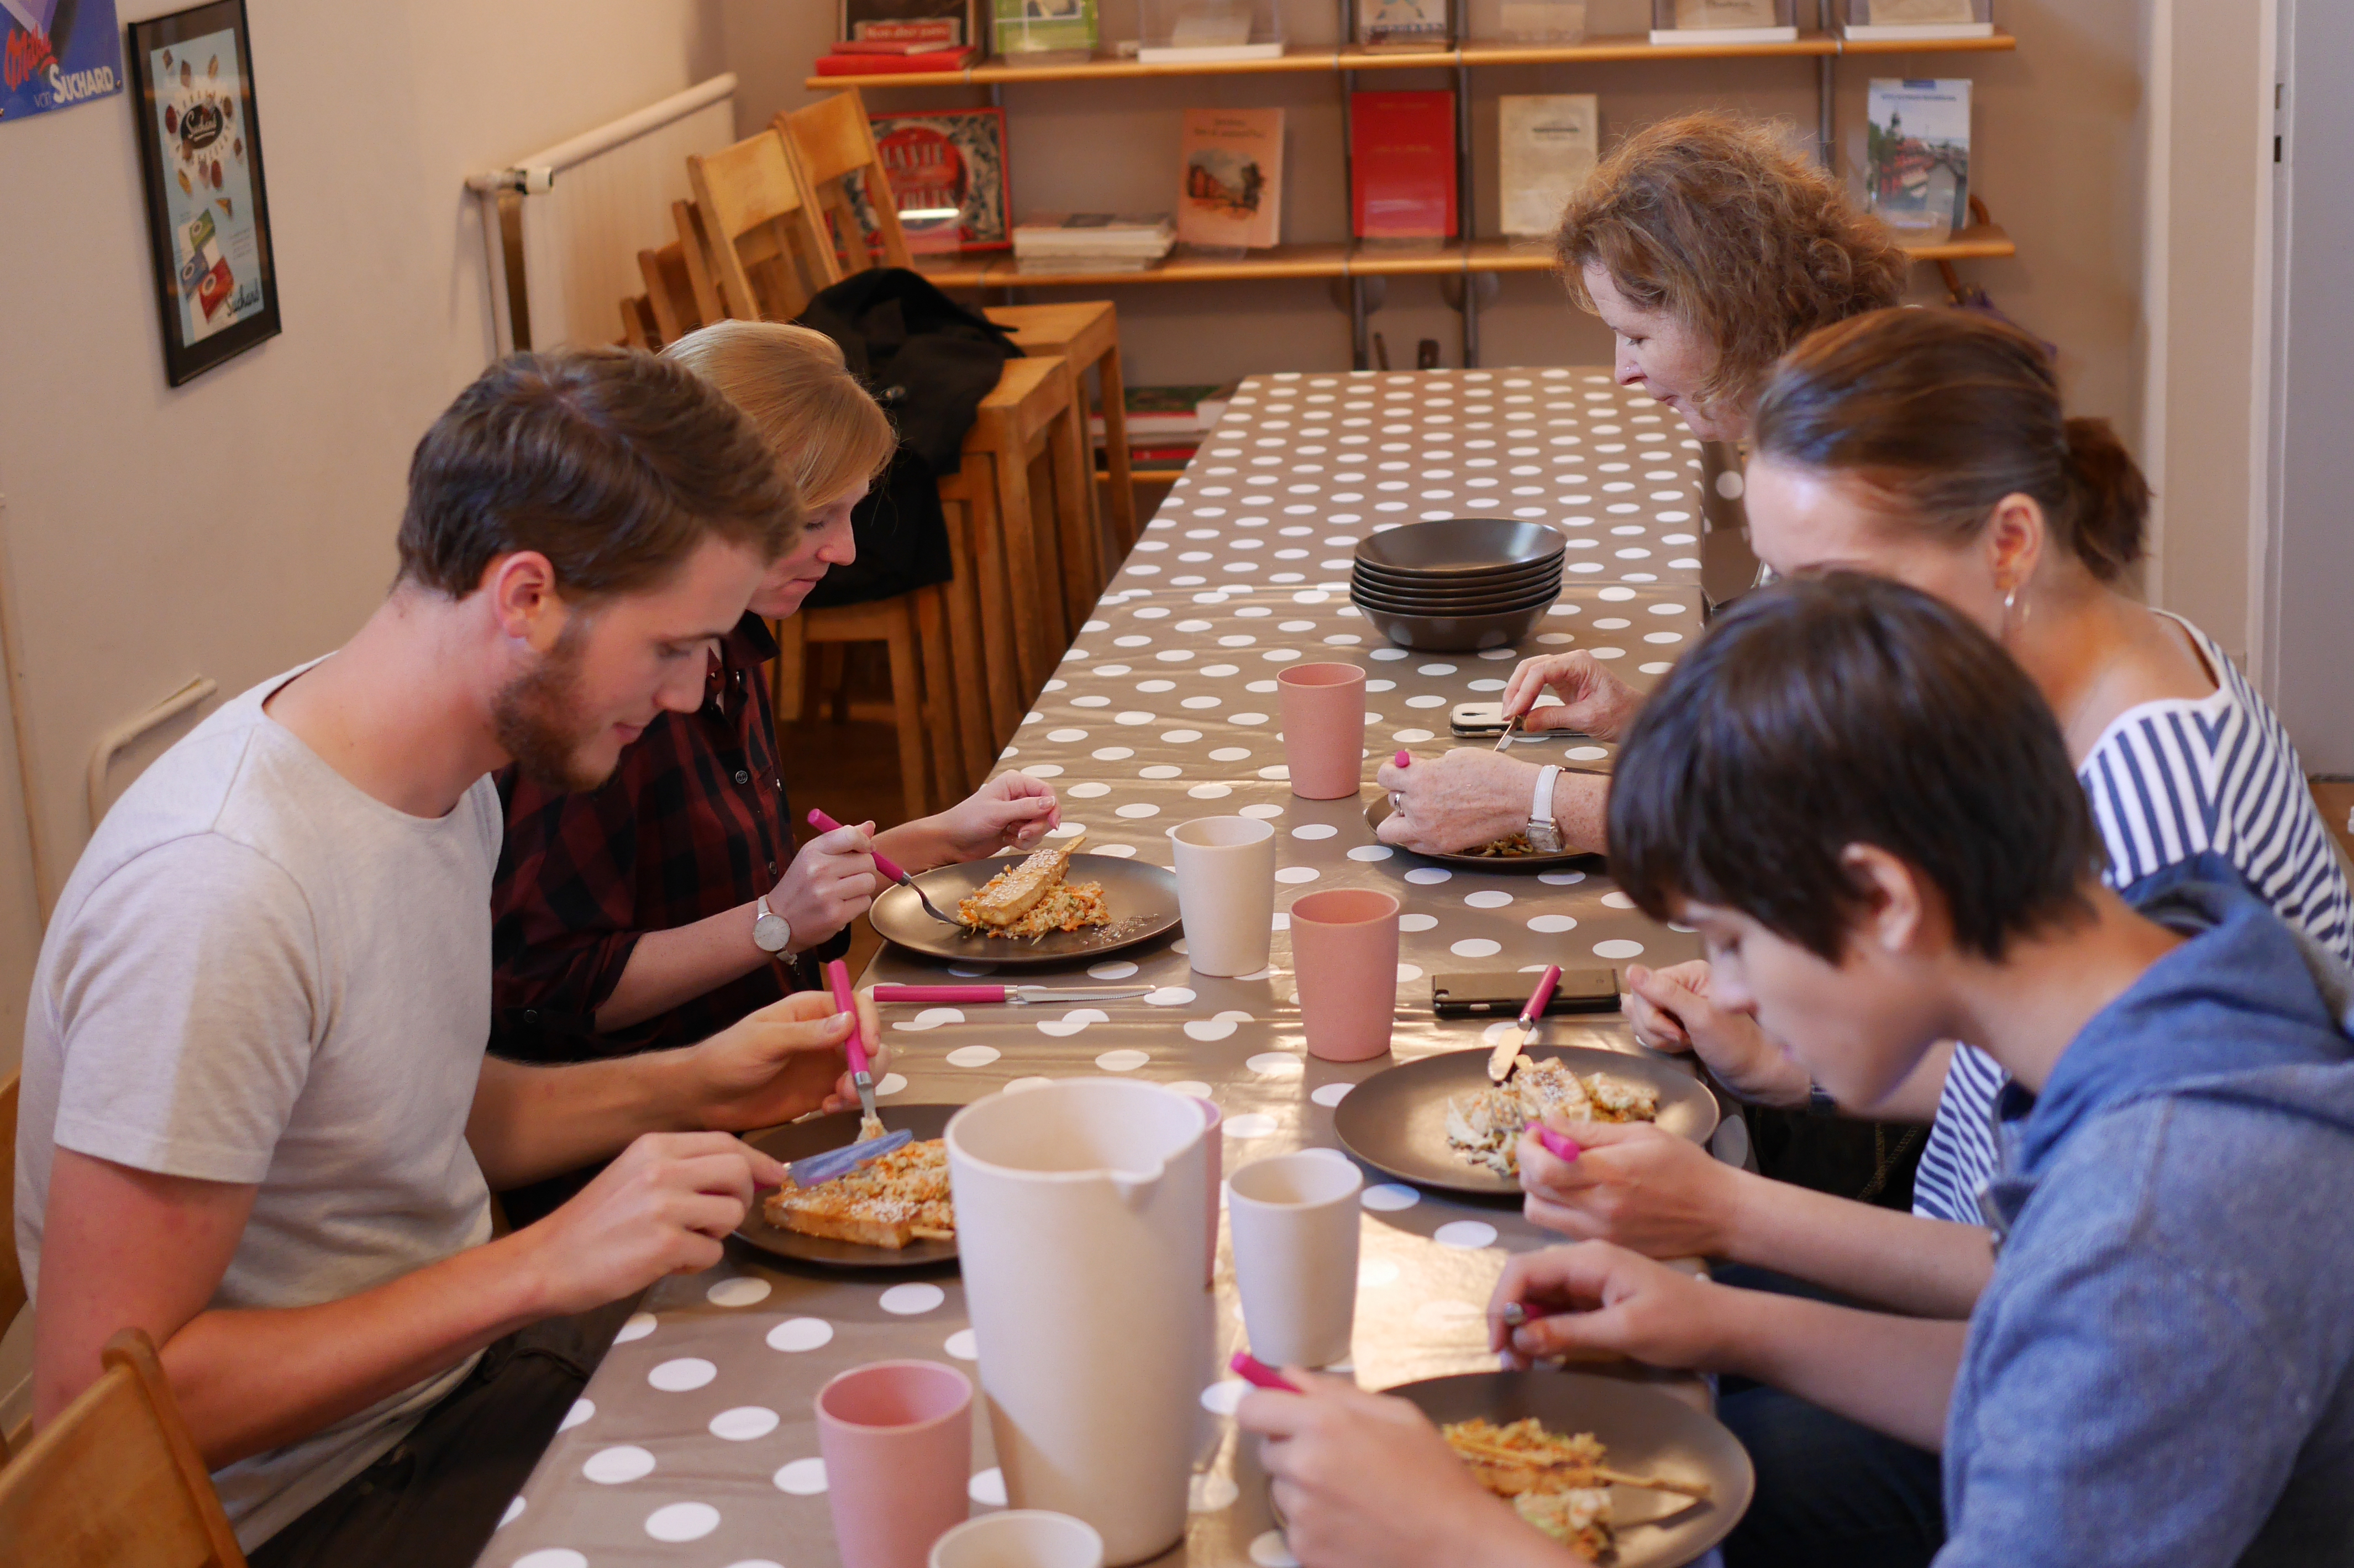 Repas pris en commun à la fin d'un atelier de Cuisine